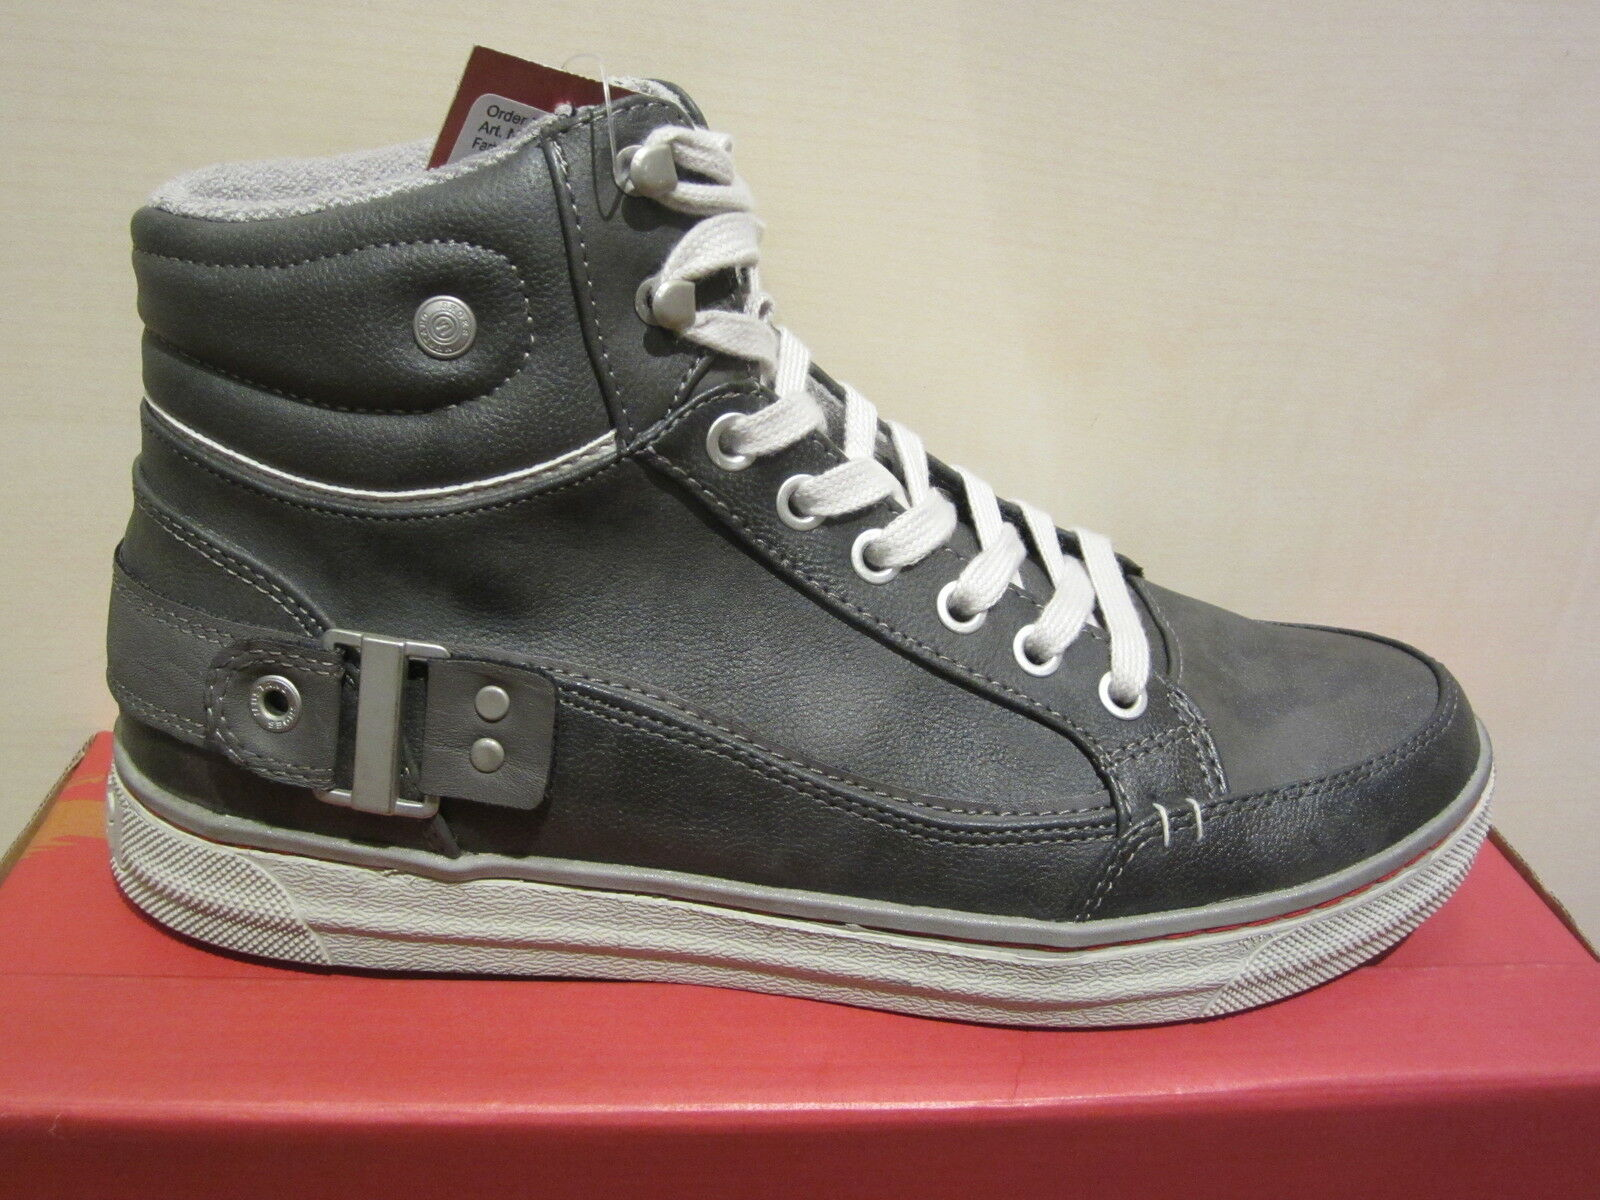 Mustang botas de Cordón, gris, Forro Tela 4068 Nuevo